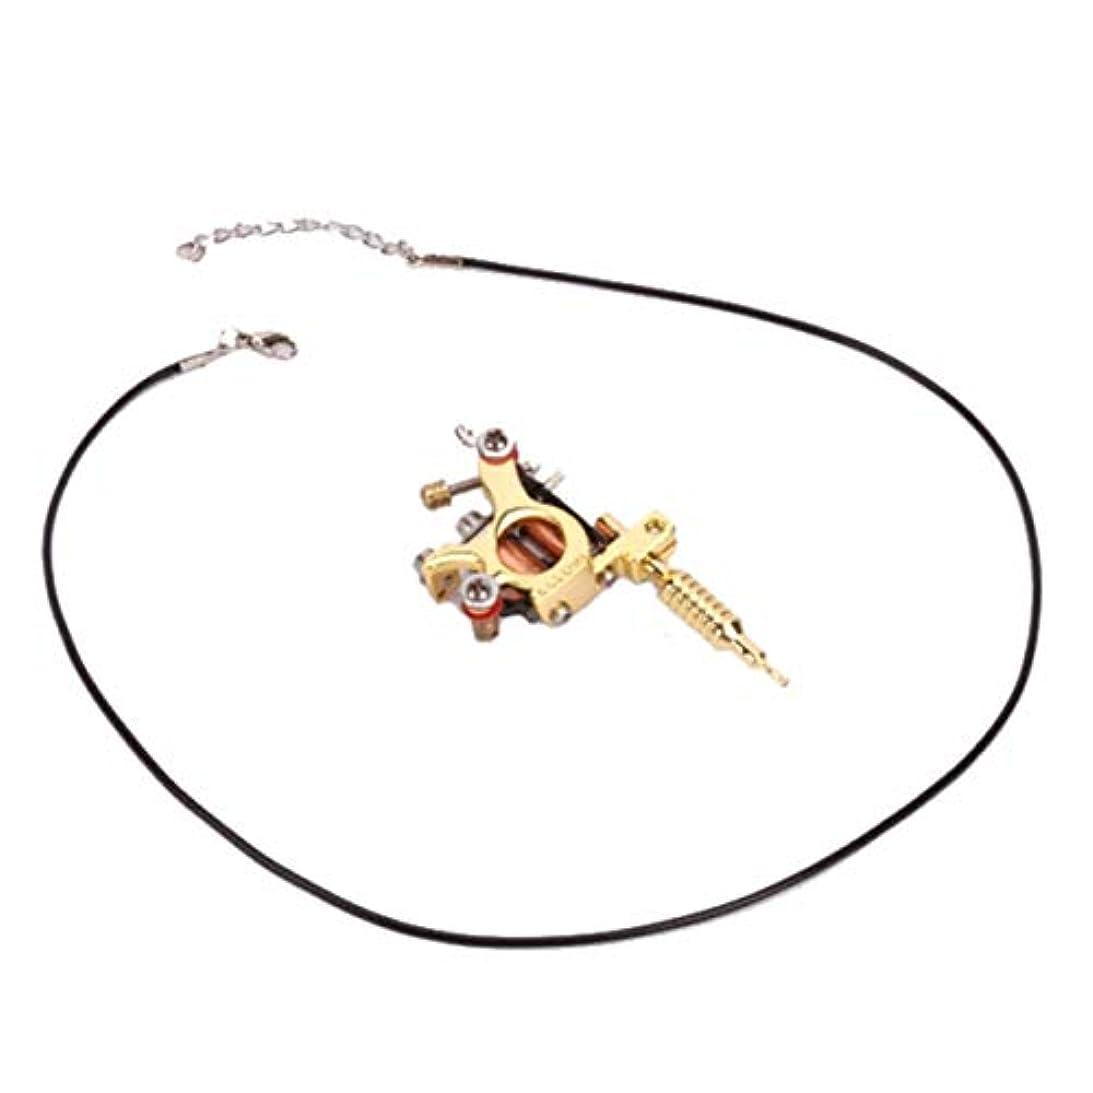 拘束誇張薄汚い鋳造技術ユニセックスゴールデン&シルバー8ワープコイルGs100ファッションミニガンタトゥーマシンペンダントおもちゃ-ゴールド